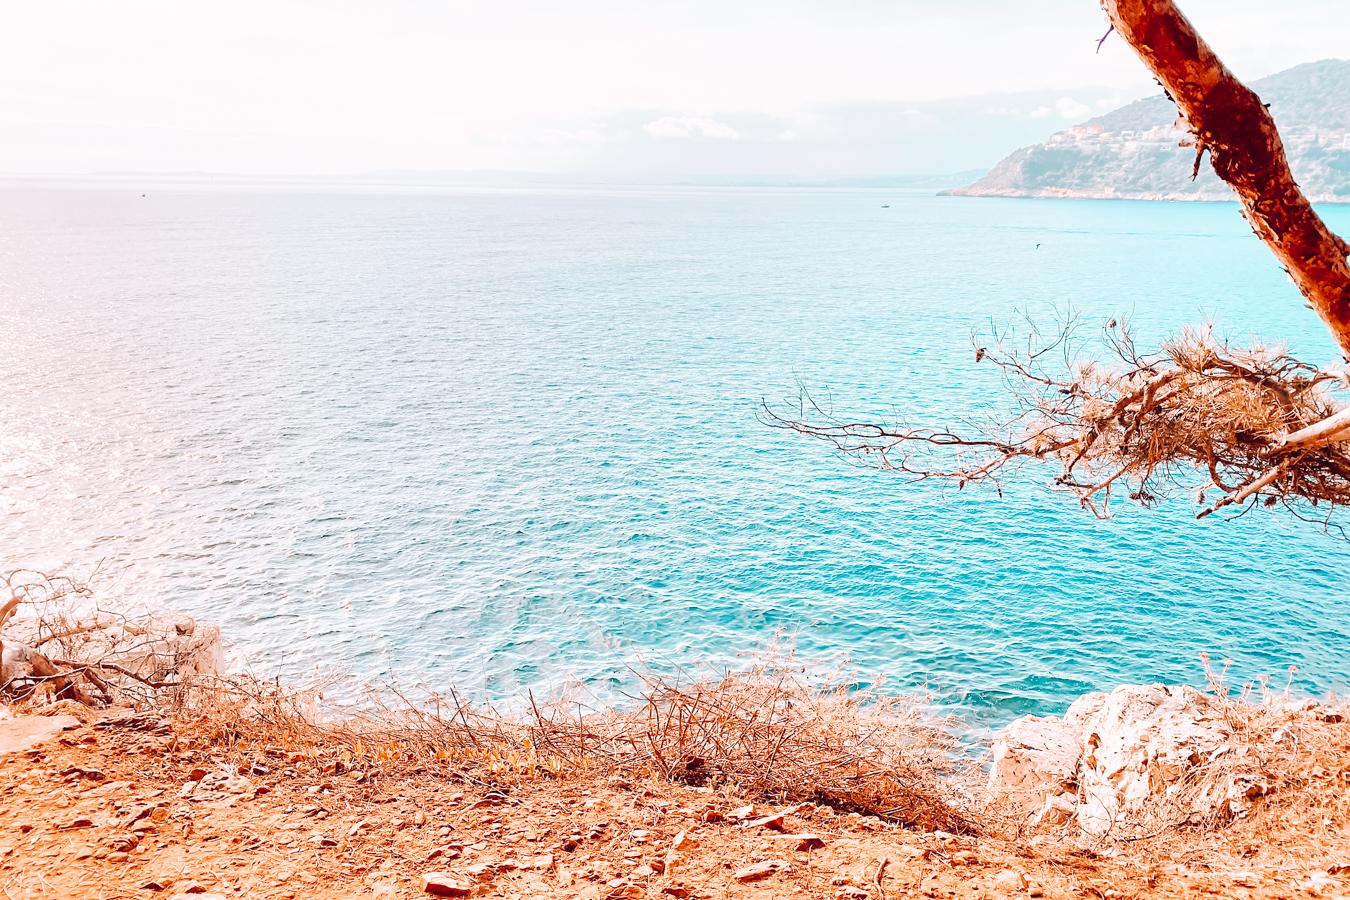 Blue water at Saint-Jean-Cap-Ferrat in France